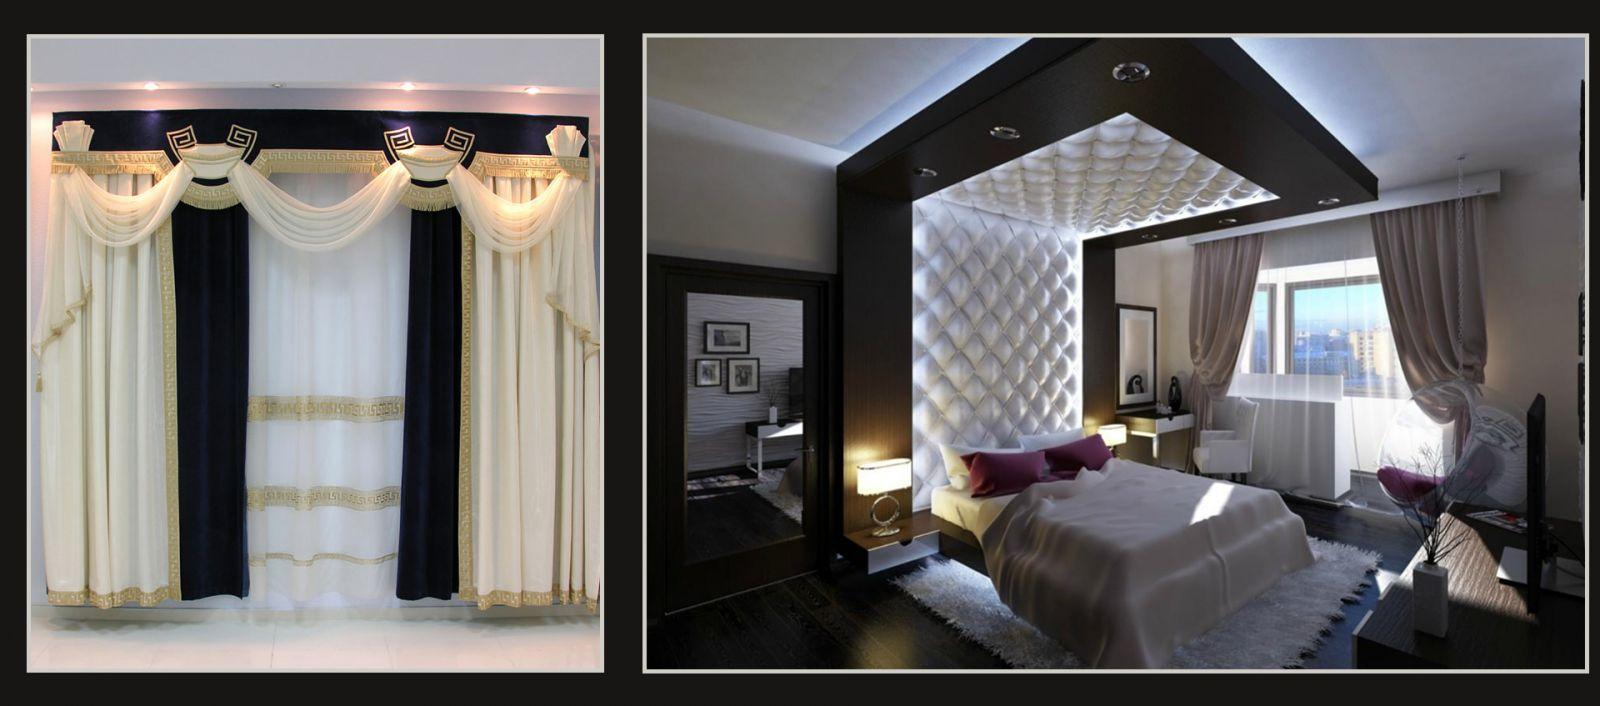 Спальня и шторы в стиле хай-тек